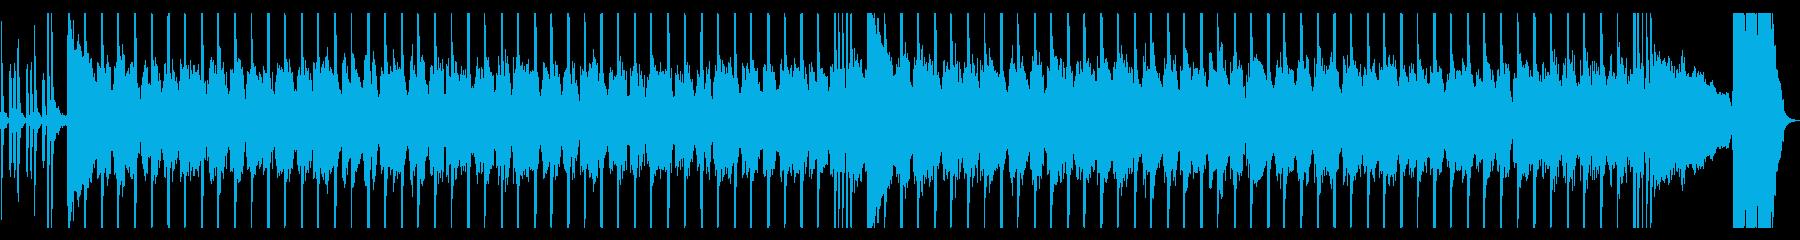 ロックギター、リフが繰り返されるBGM2の再生済みの波形